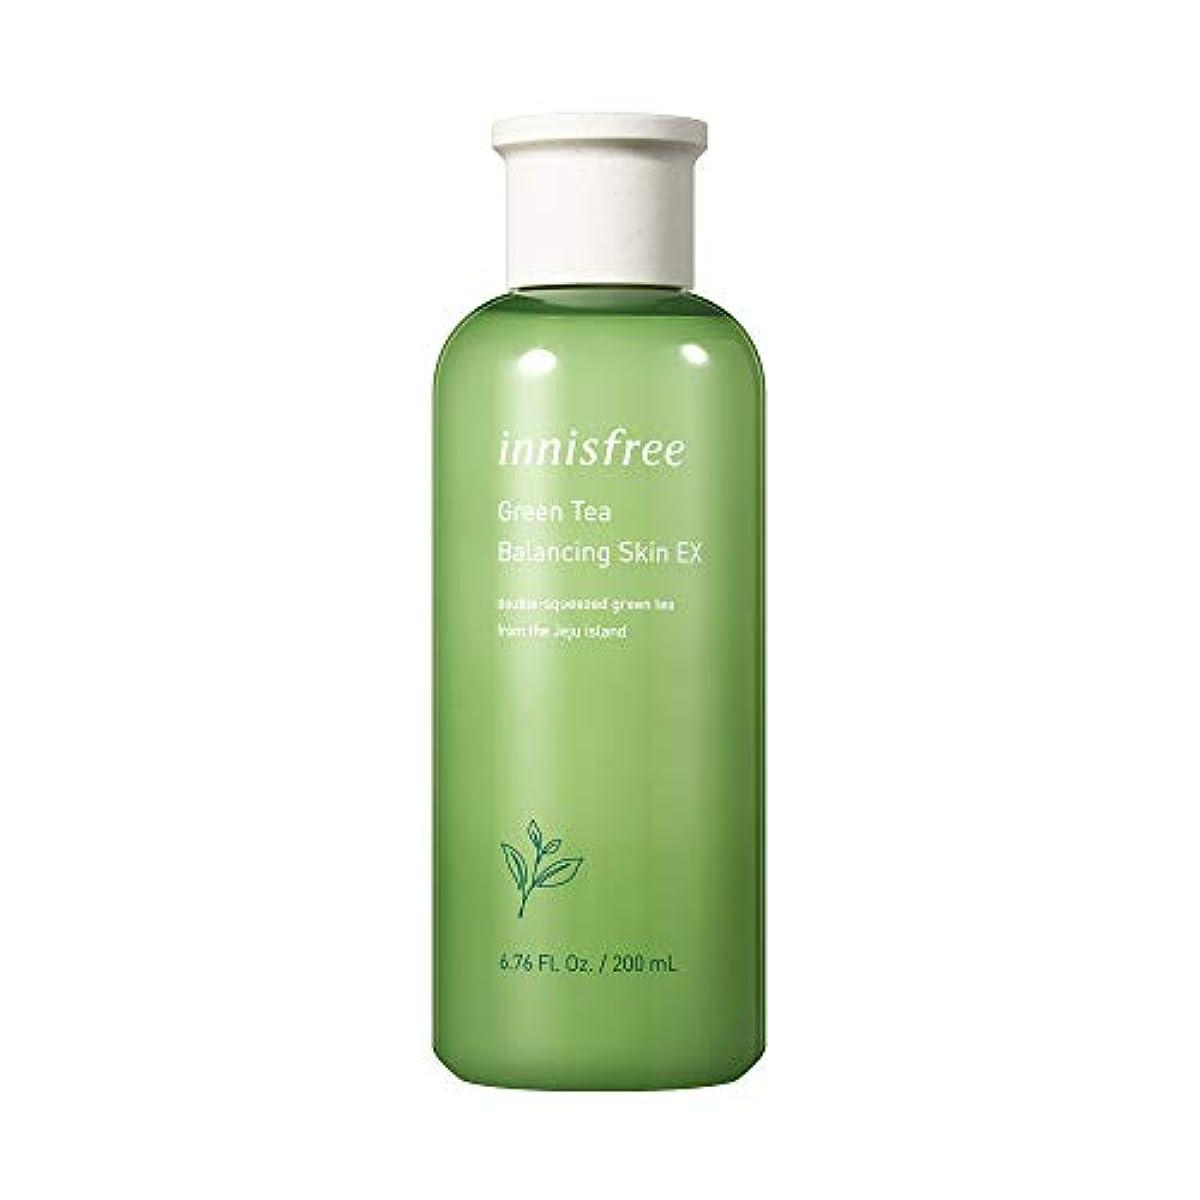 パラシュート称賛伸ばすイニスフリー日本公式(innisfree)グリーンティー バランシングスキン[化粧水]200mL